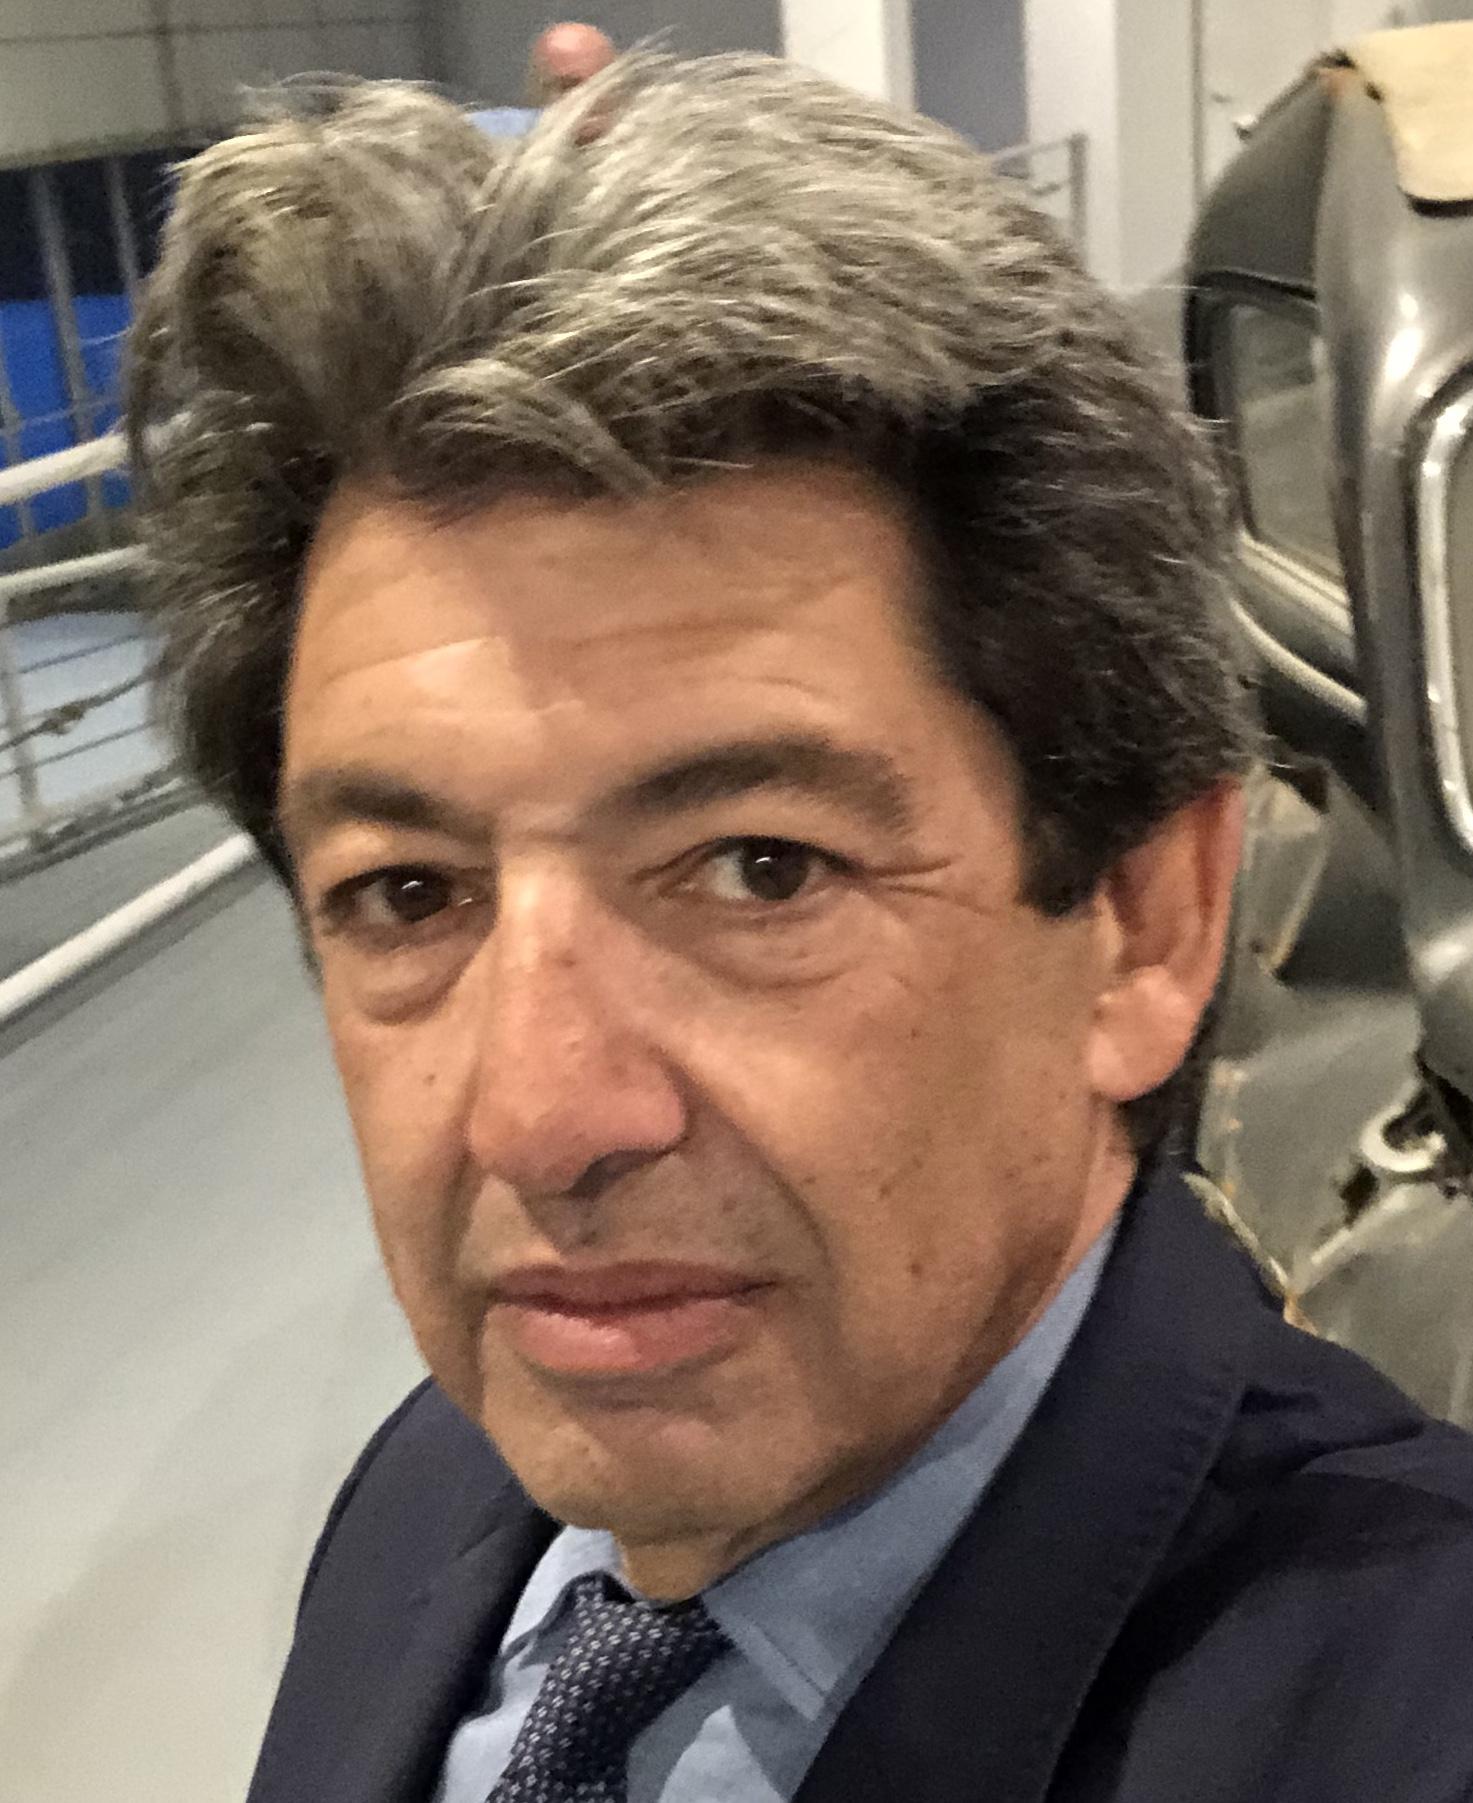 Paul Schimmel